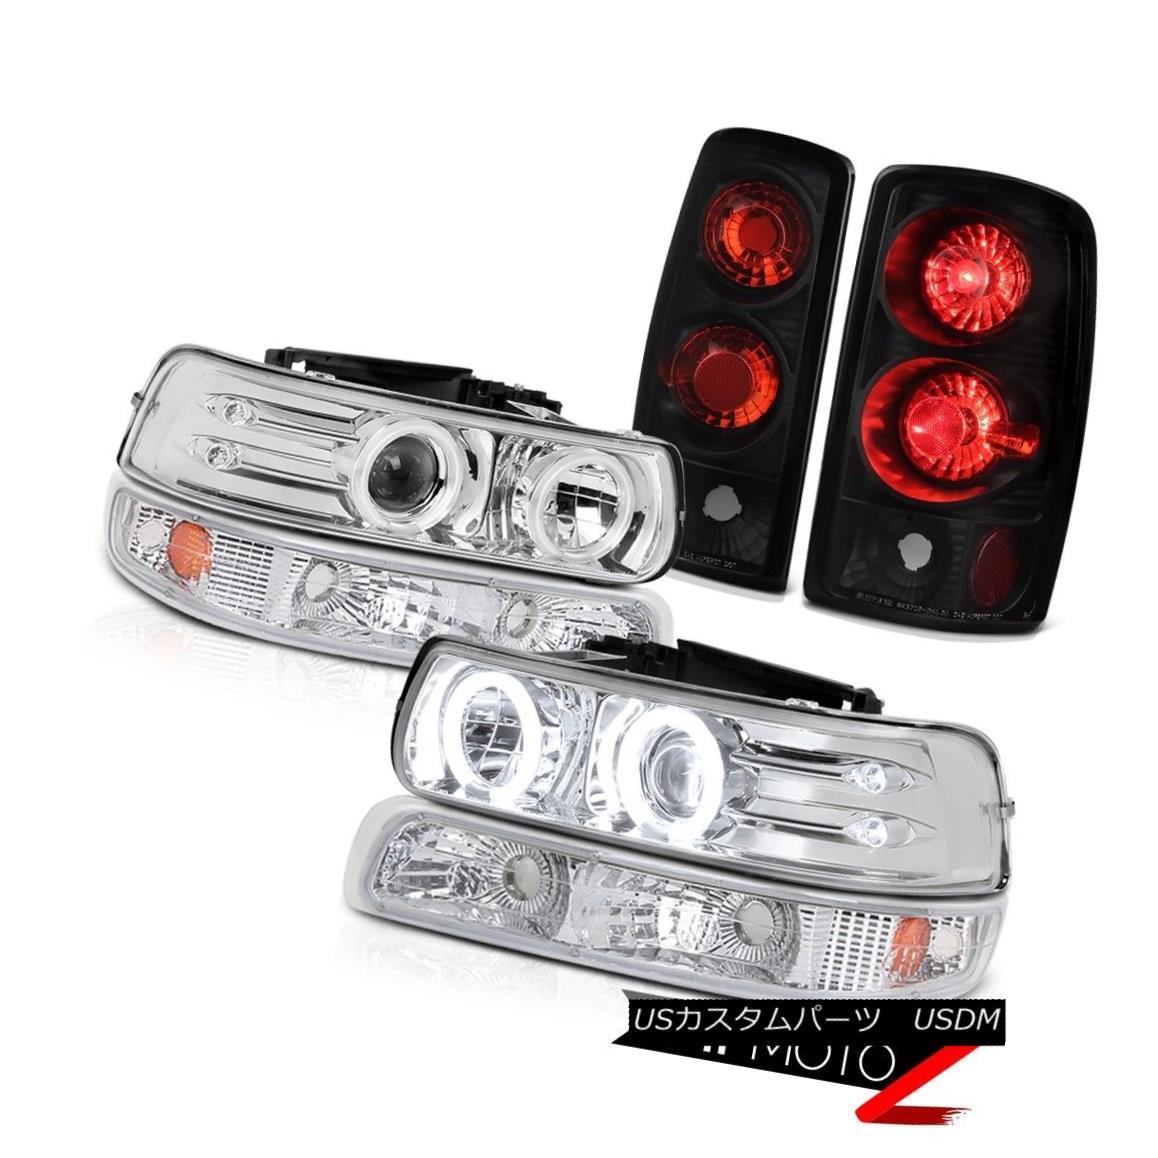 ヘッドライト CCFL Headlamps Euro Signal Black Tail Lights 00 01 02 03 04 05 06 Suburban 5.3L CCFLヘッドランプユーロ信号ブラックテールライト00 01 02 03 04 05 06郊外5.3L